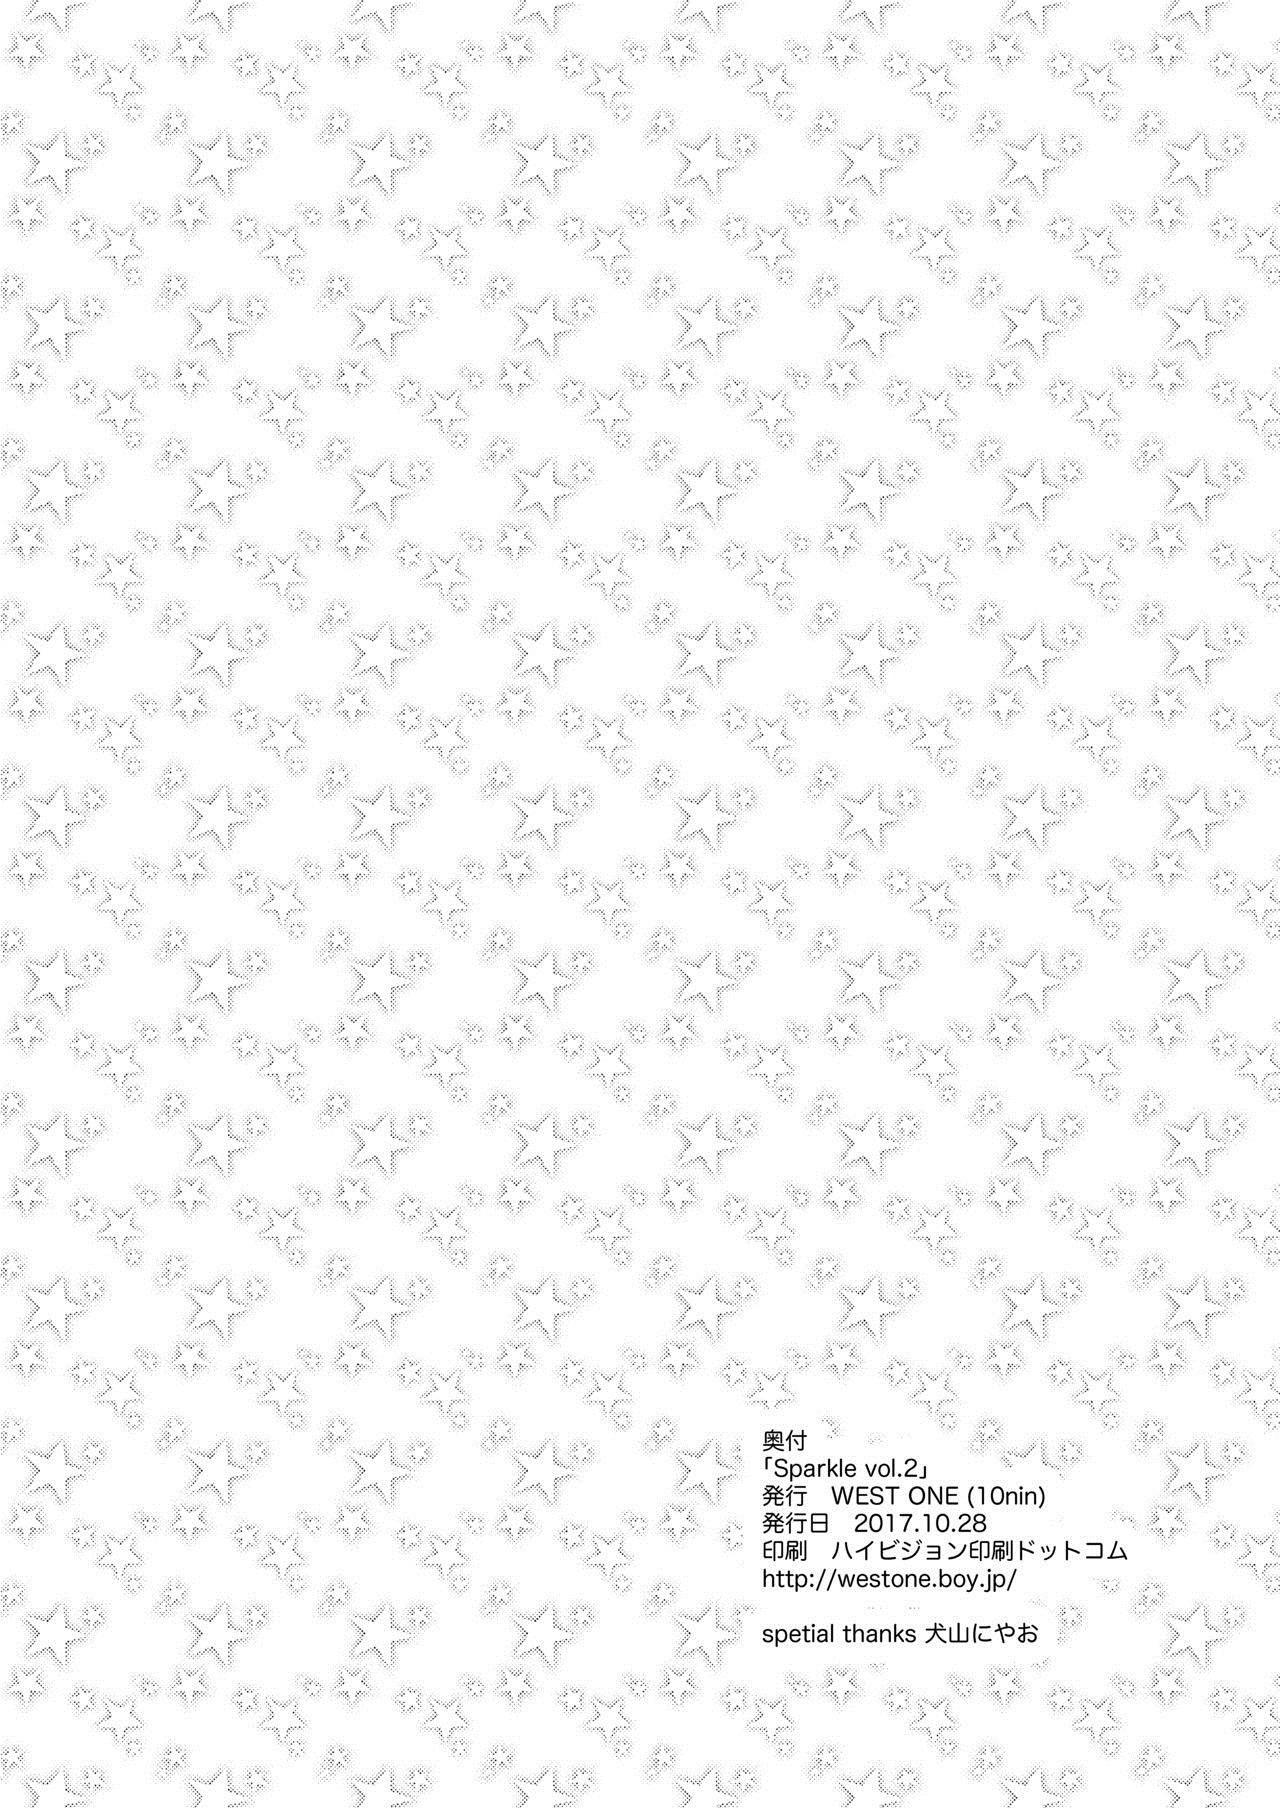 Sparkle Vol. 2 33